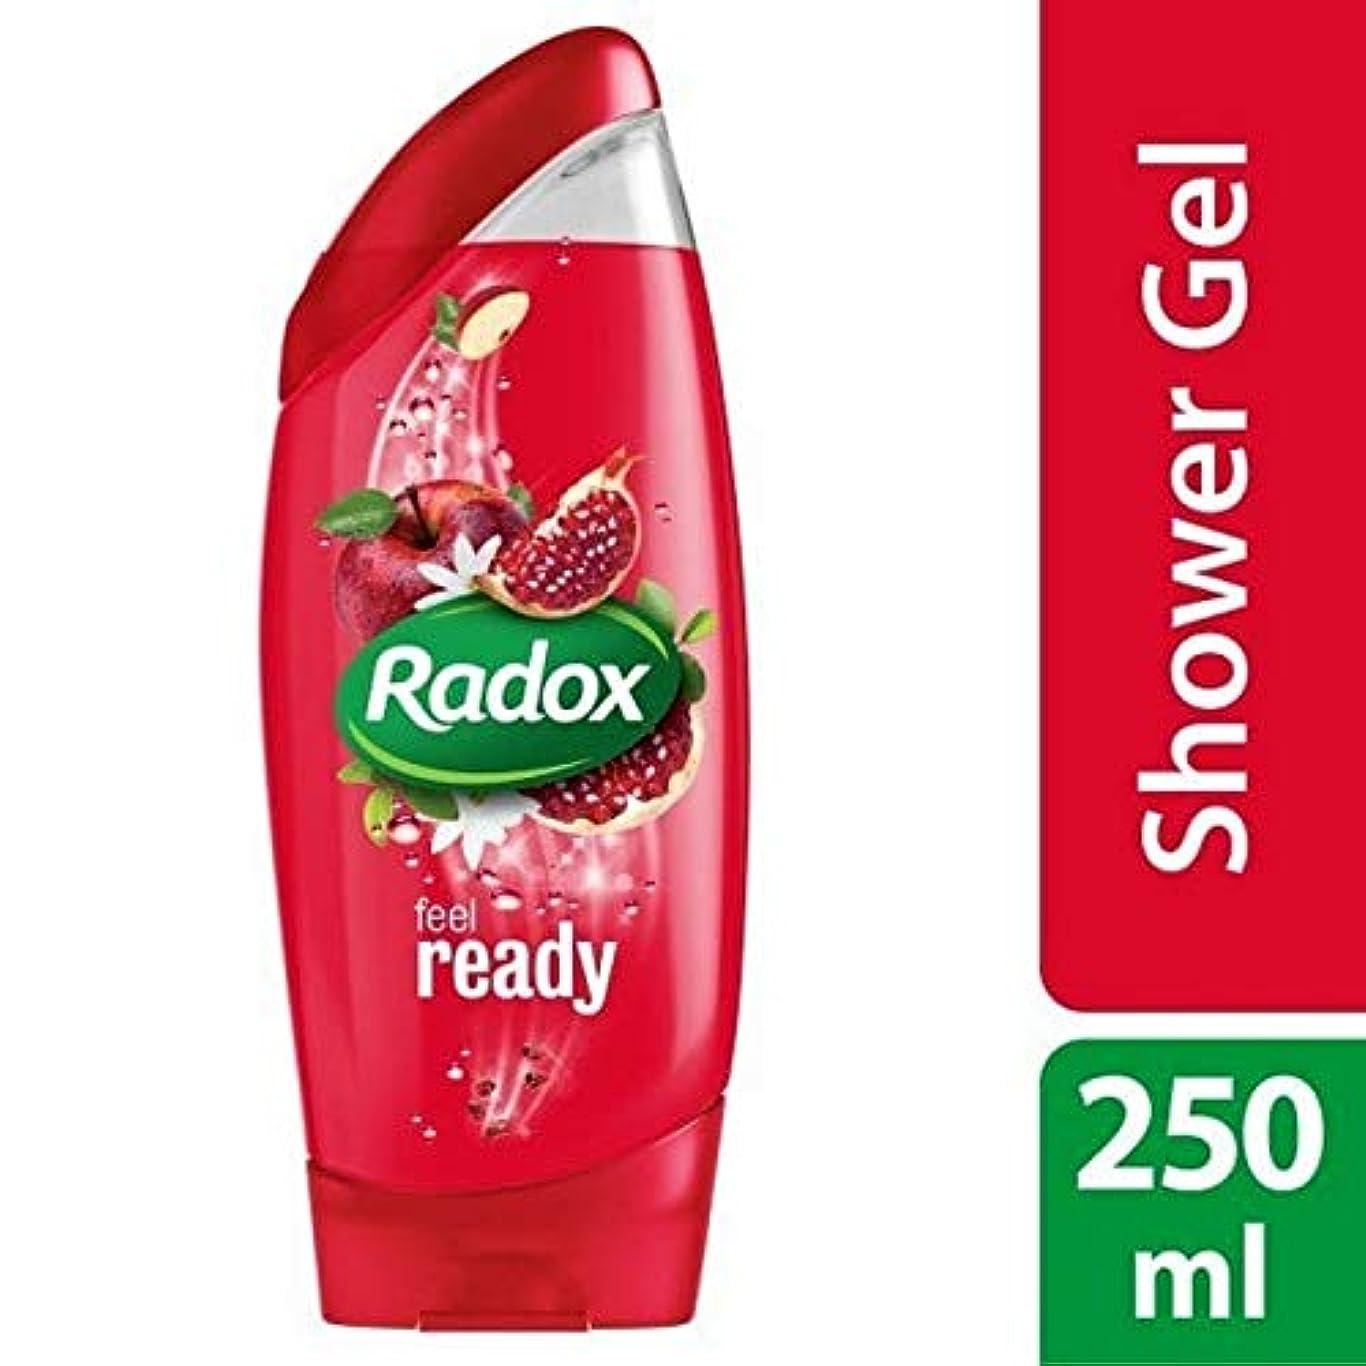 チチカカ湖休暇読みやすさ[Radox] Radoxは準備ができてシャワージェル250ミリリットルを感じます - Radox Feel Ready Shower Gel 250ml [並行輸入品]